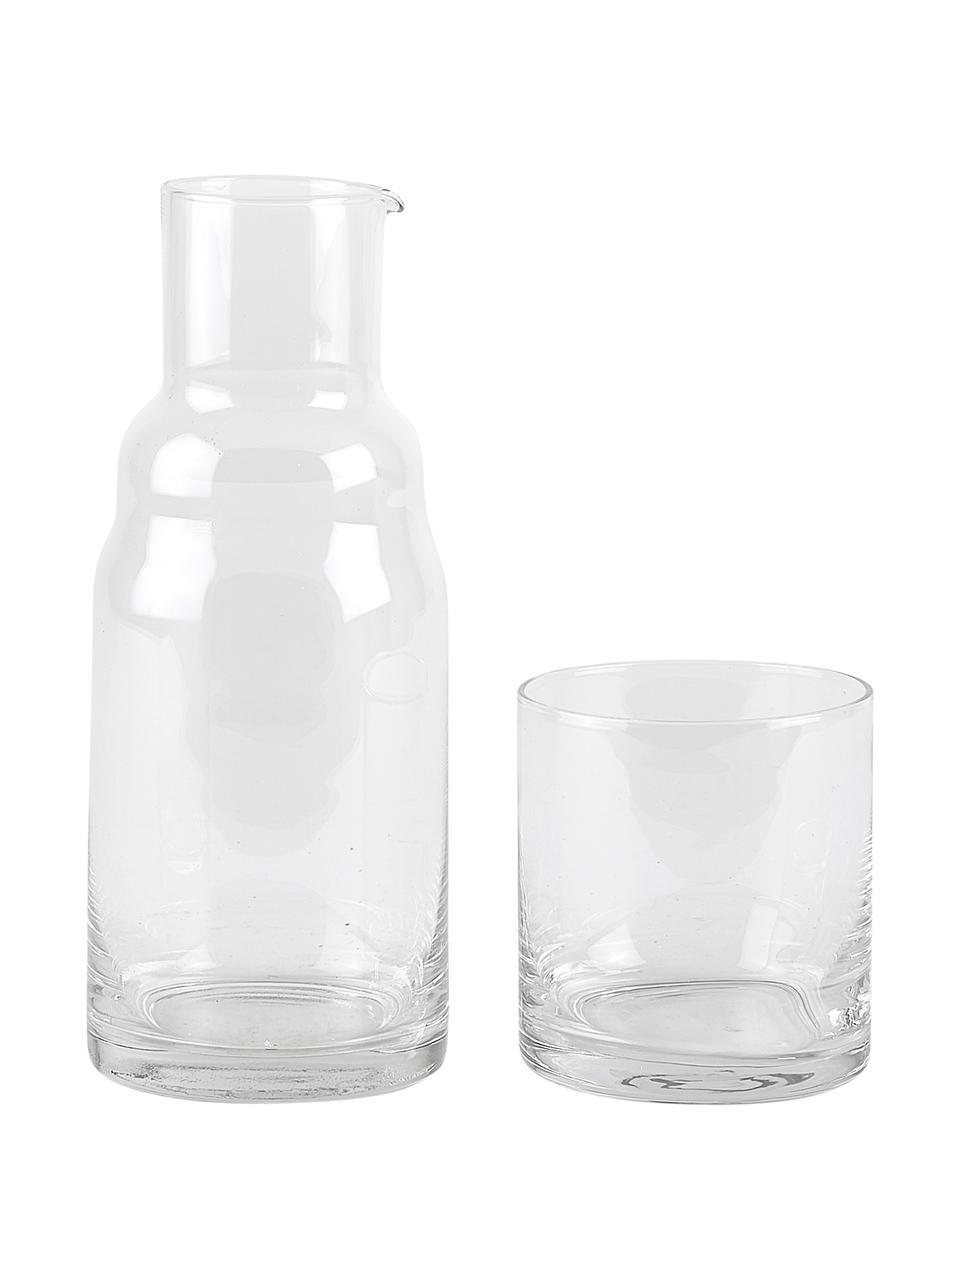 Wasserkaraffe Wadi mit Glas, 800 ml, 2er-Set, Glas, Transparent, H 21 cm